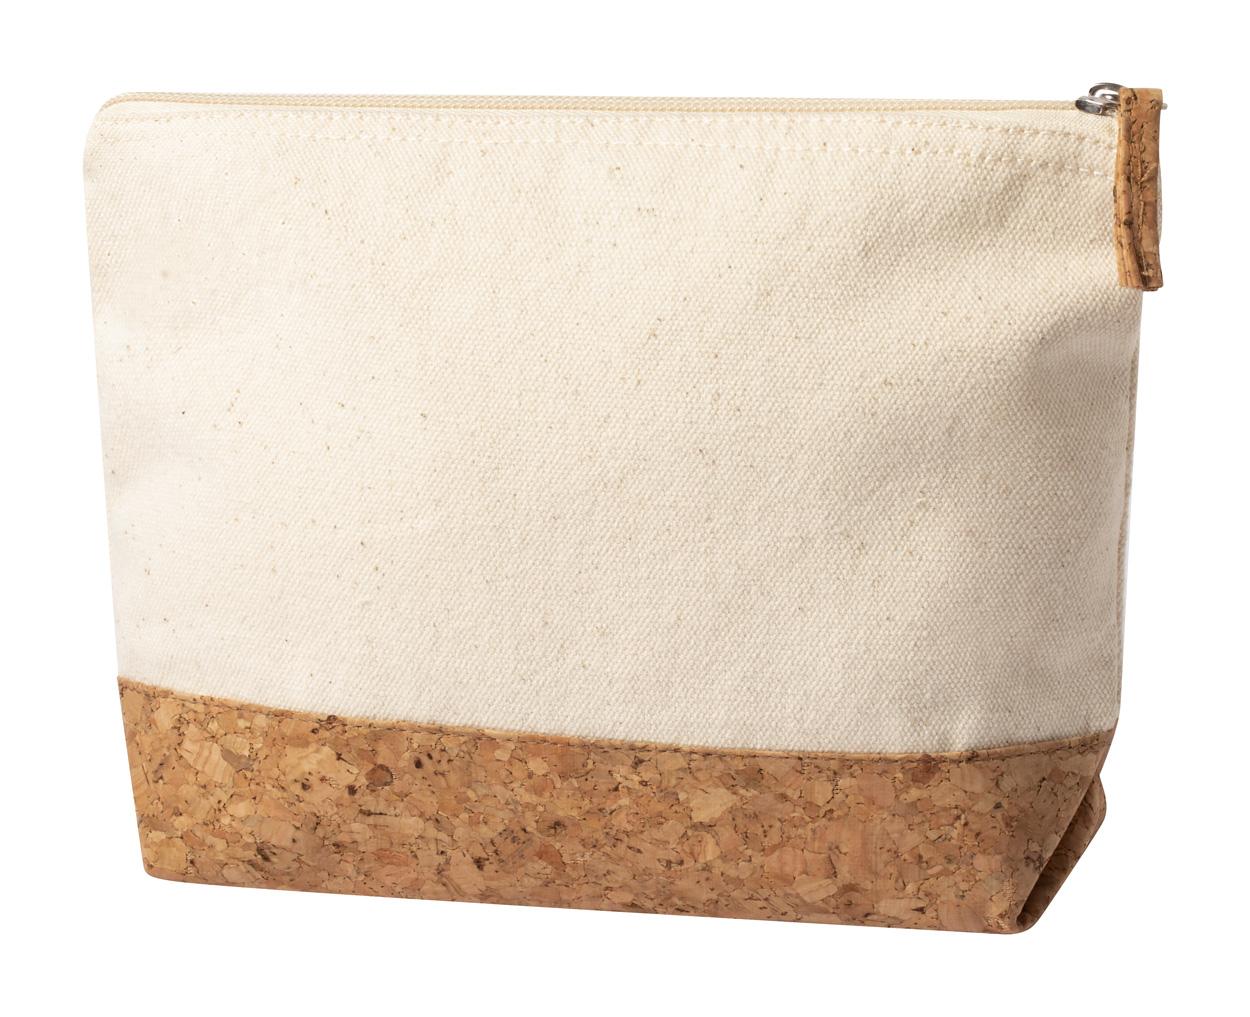 Subrum cosmetic bag